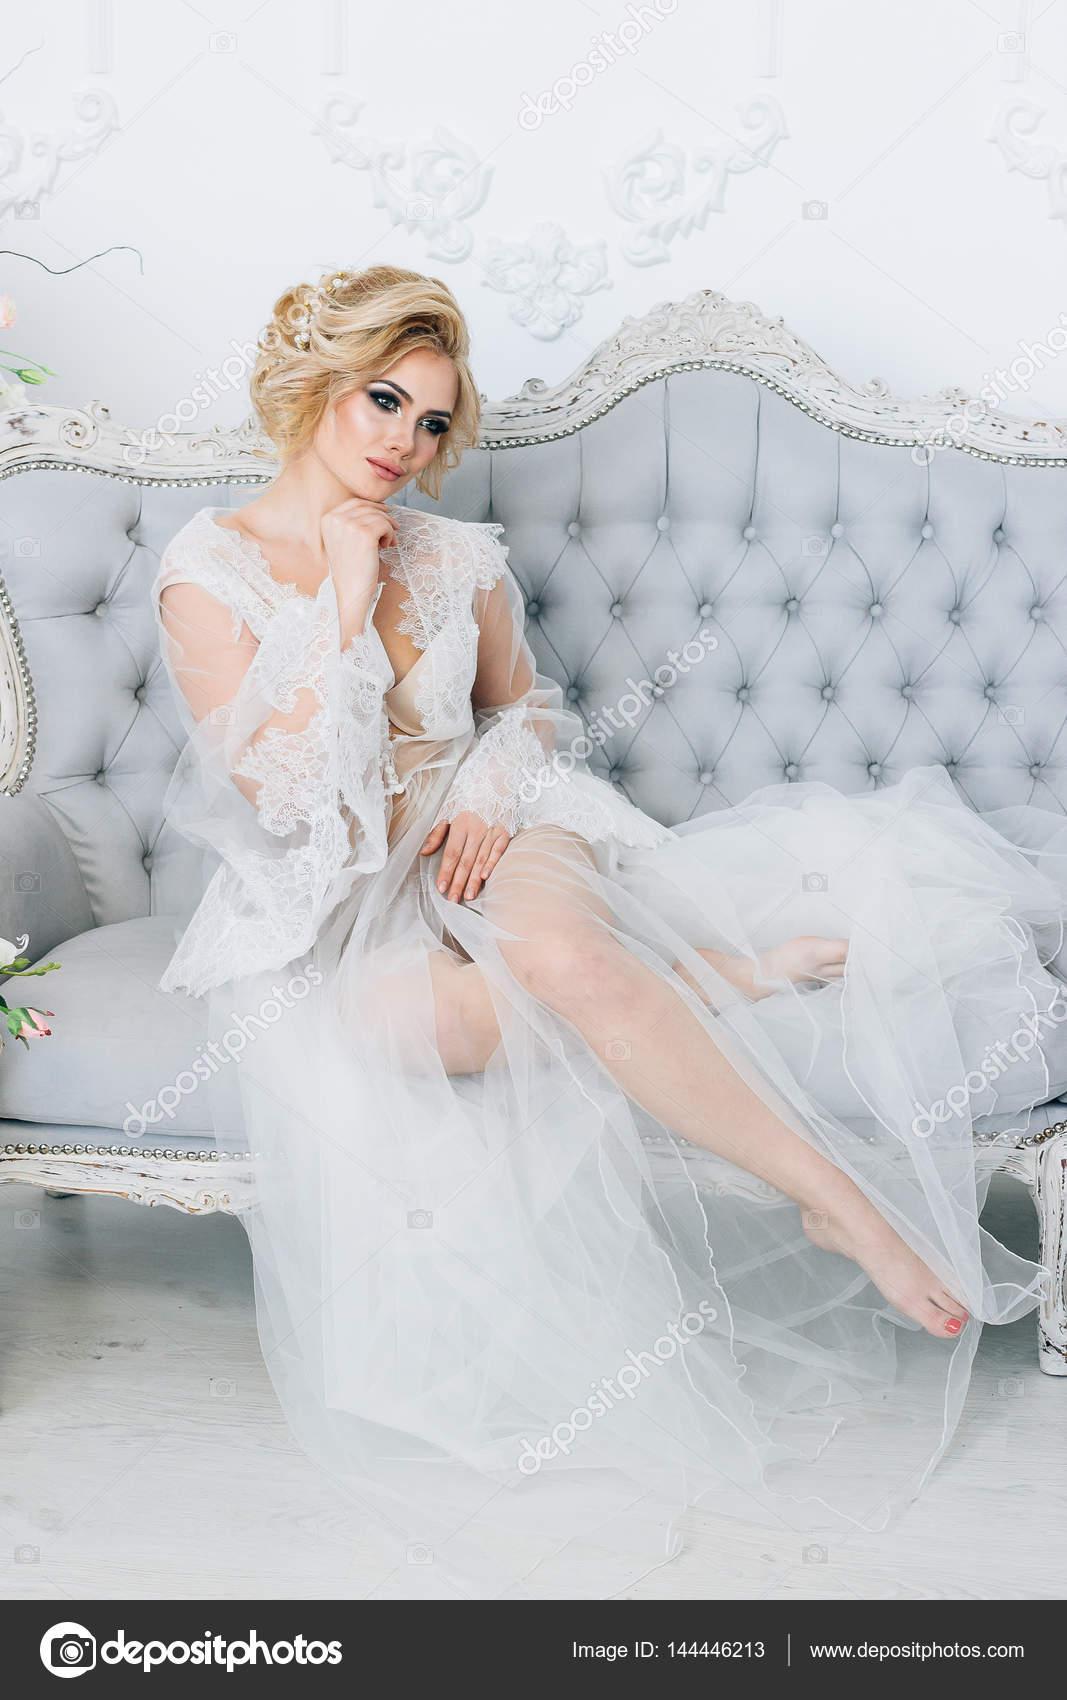 roskoshnaya-blondinka-v-neglizhe-uzkoy-popi